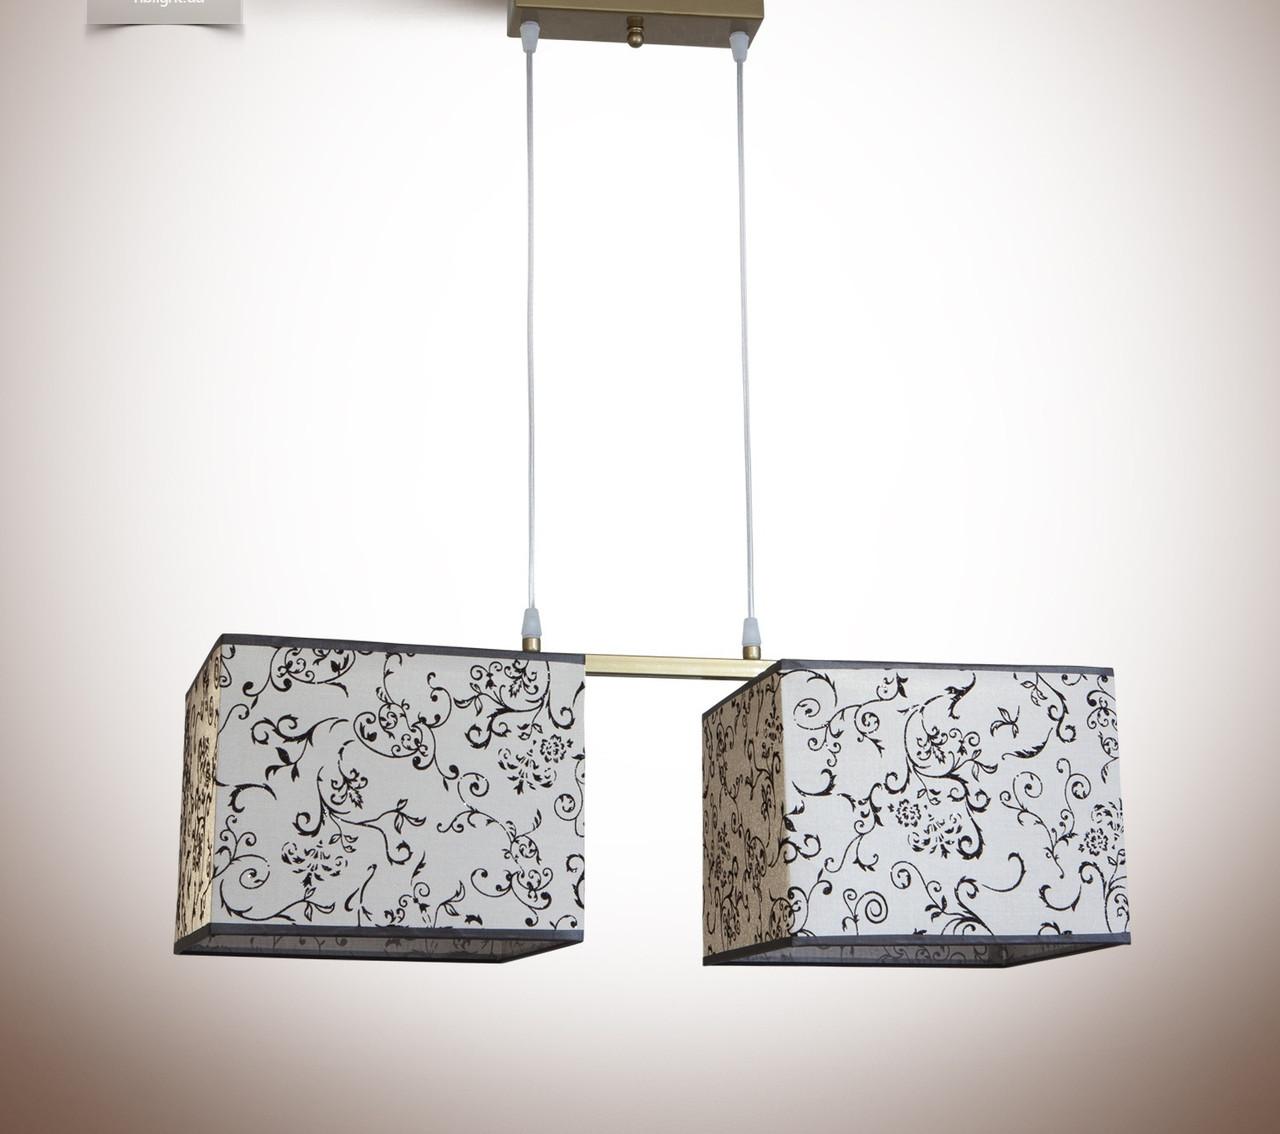 Люстра 2-х ламповая, металлическая с абажурами для спальни, кухни, детской 19322